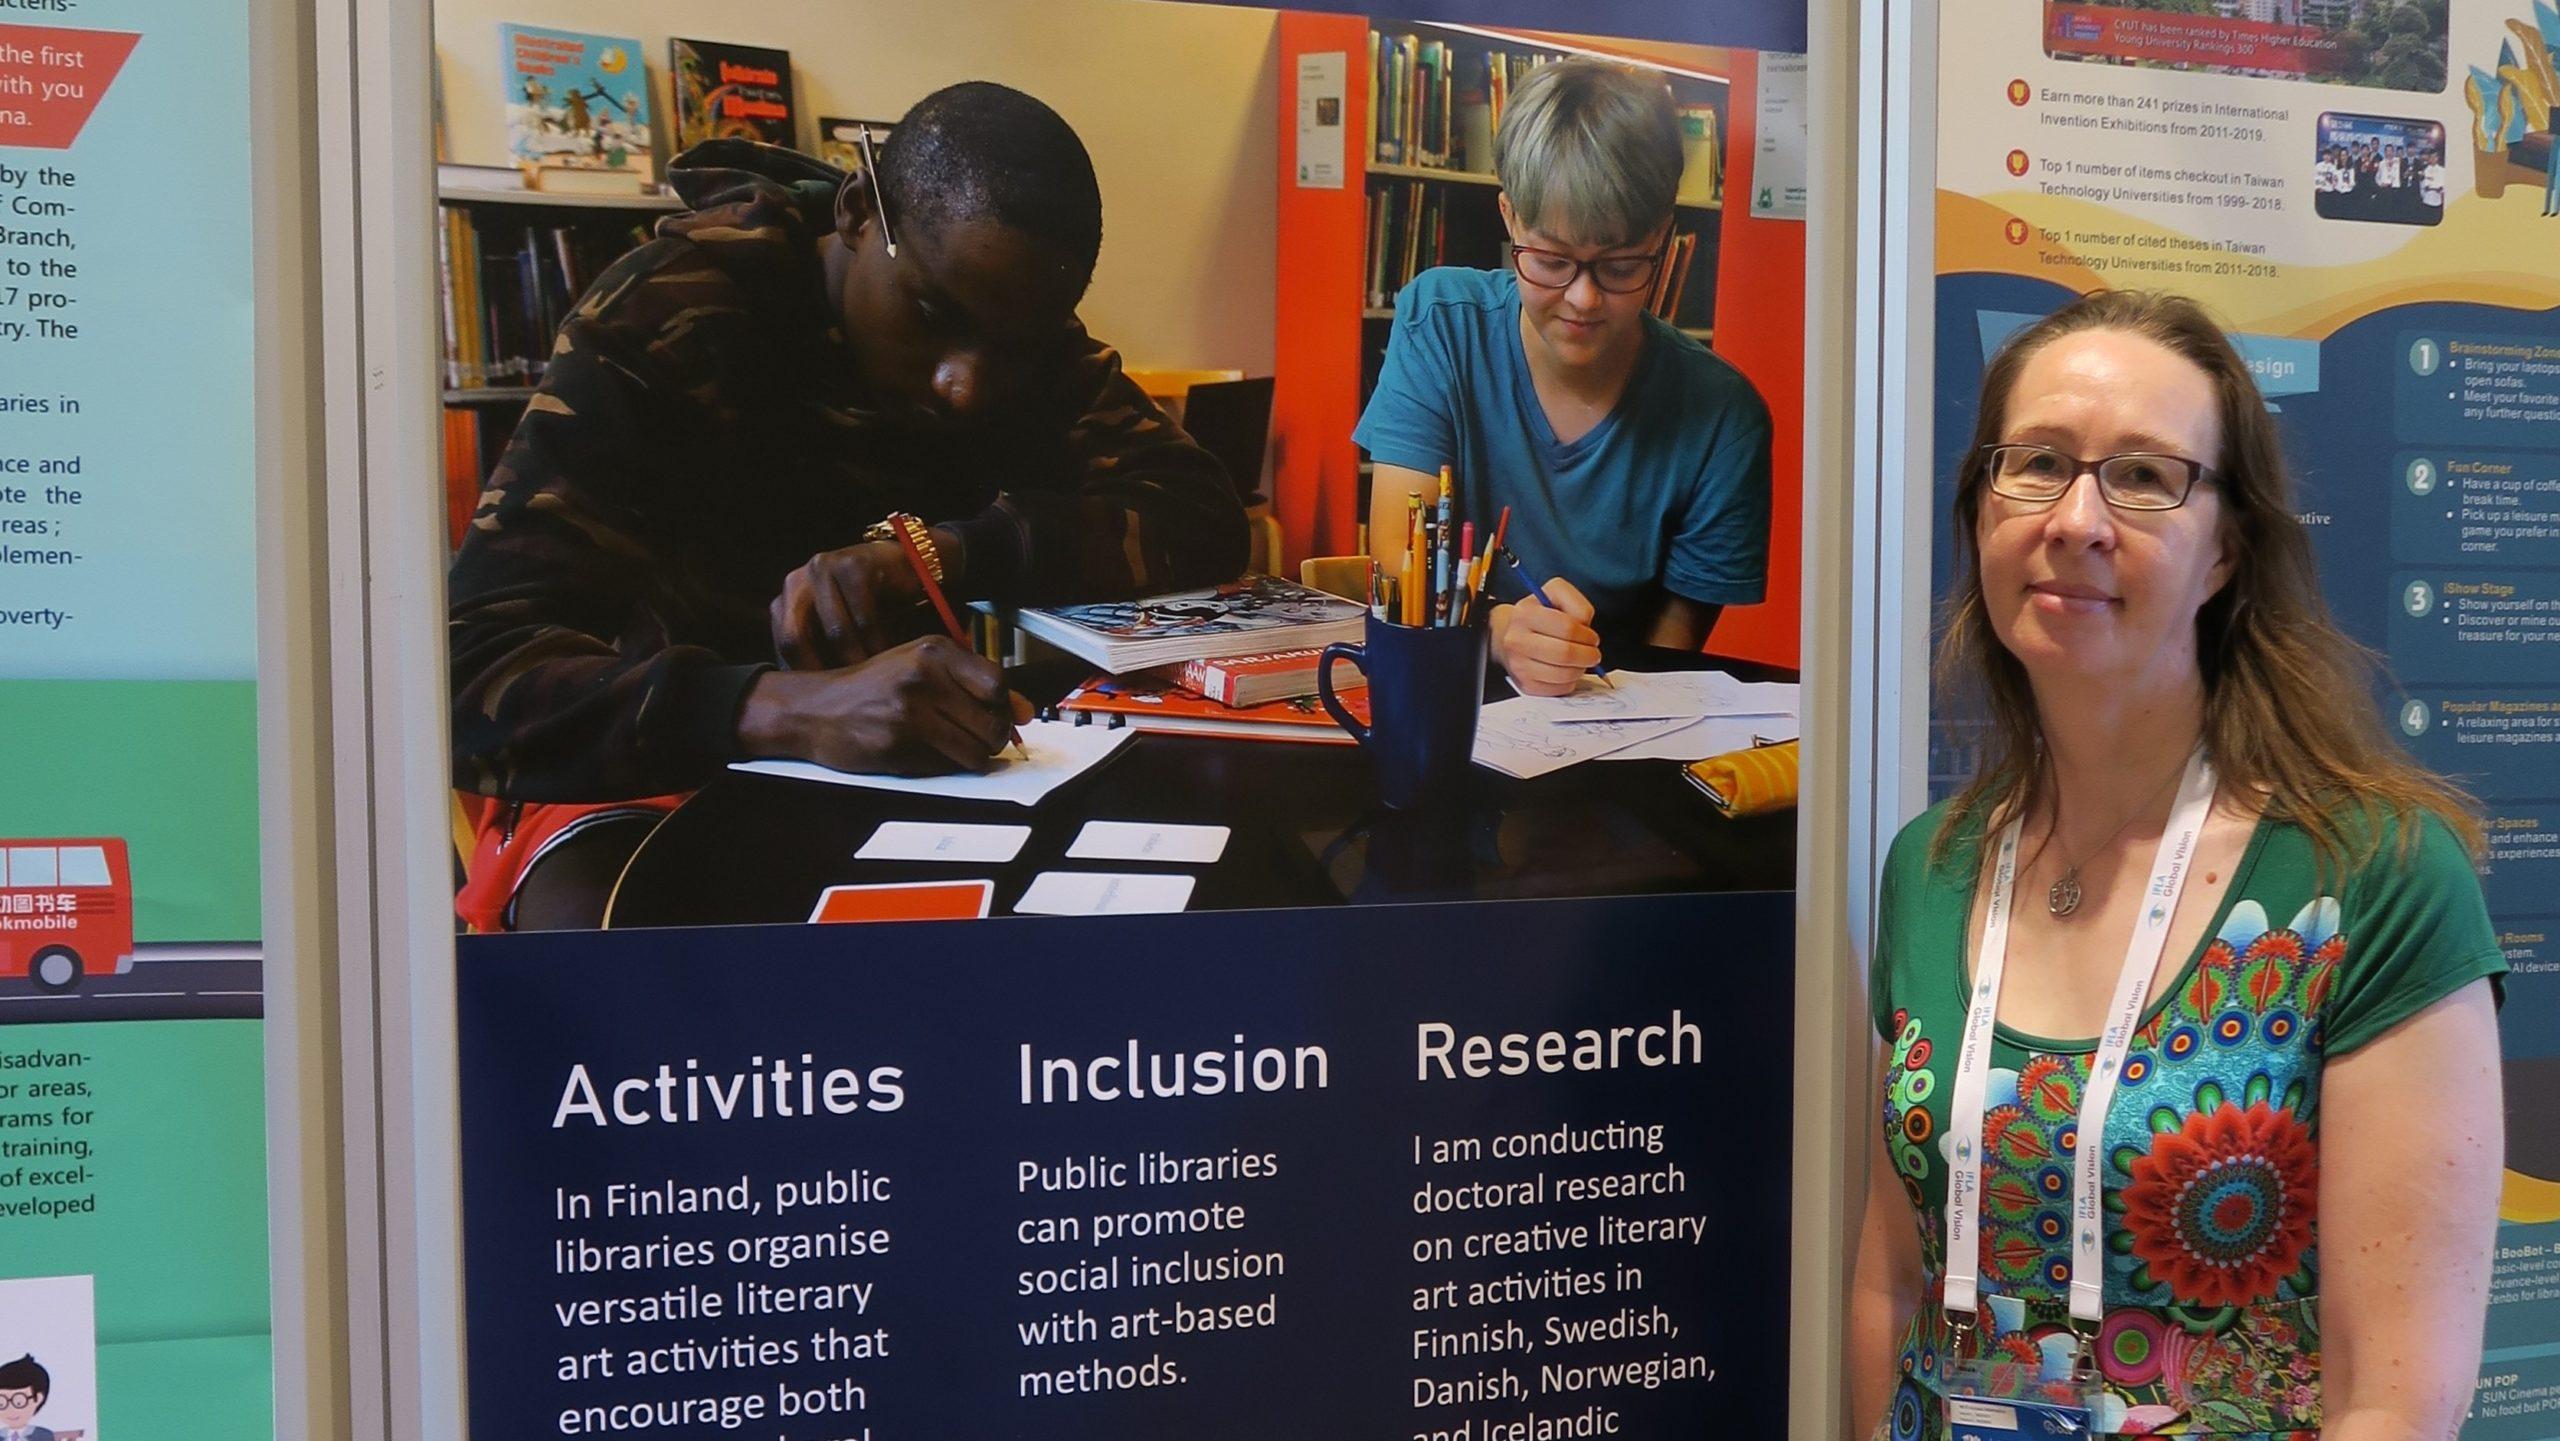 Hanna Kleemola seisoo englanninkielisen posteri-esittelyn vieressä. Posterista on erotettavissa selkeästi sanat Activity, Inclusion ja Research. Posterissa olevassa kuvassa on kuvattu kaksi nuorta kirjastossa pöydän ääressä kirjoittamassa.